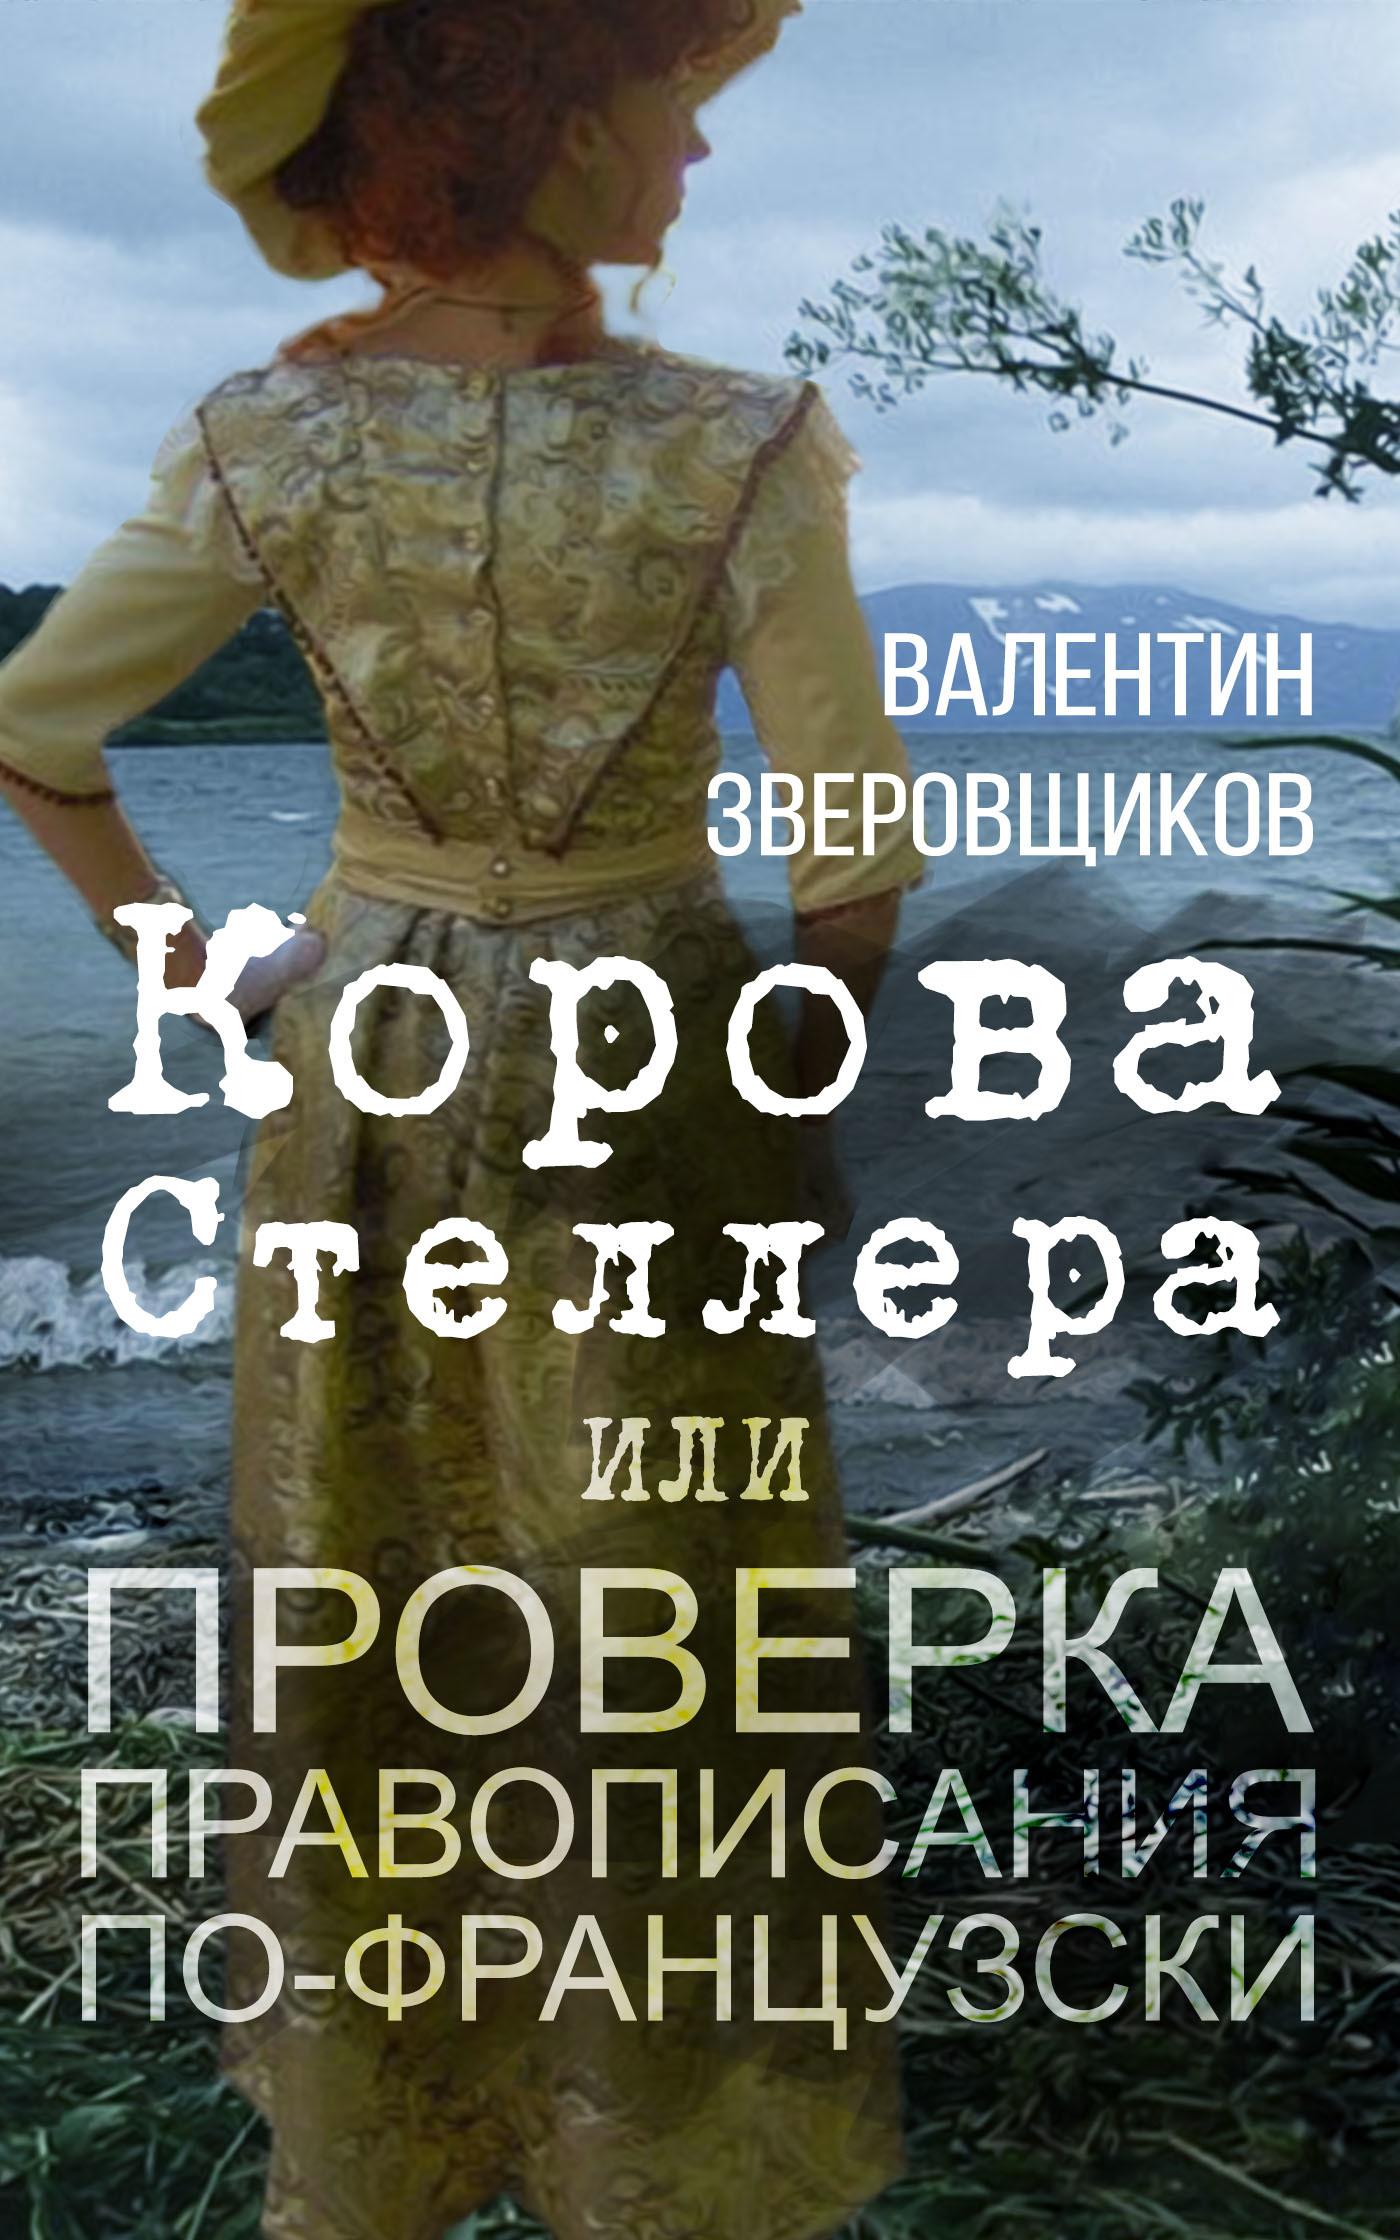 купить Валентин Зверовщиков Корова Стеллера, или Проверка правописания по-французски по цене 99.9 рублей